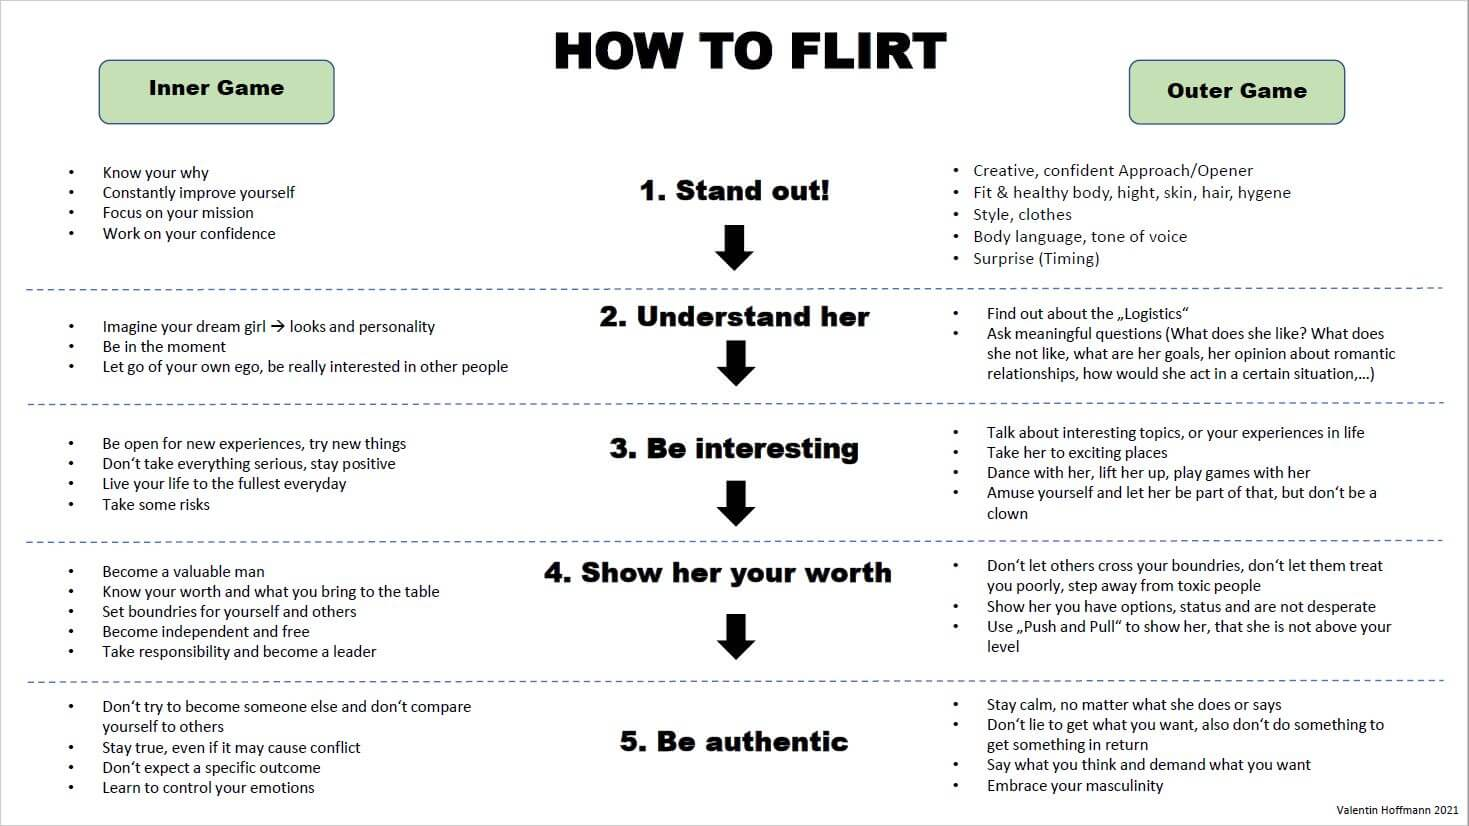 Verkaufen flirten führen